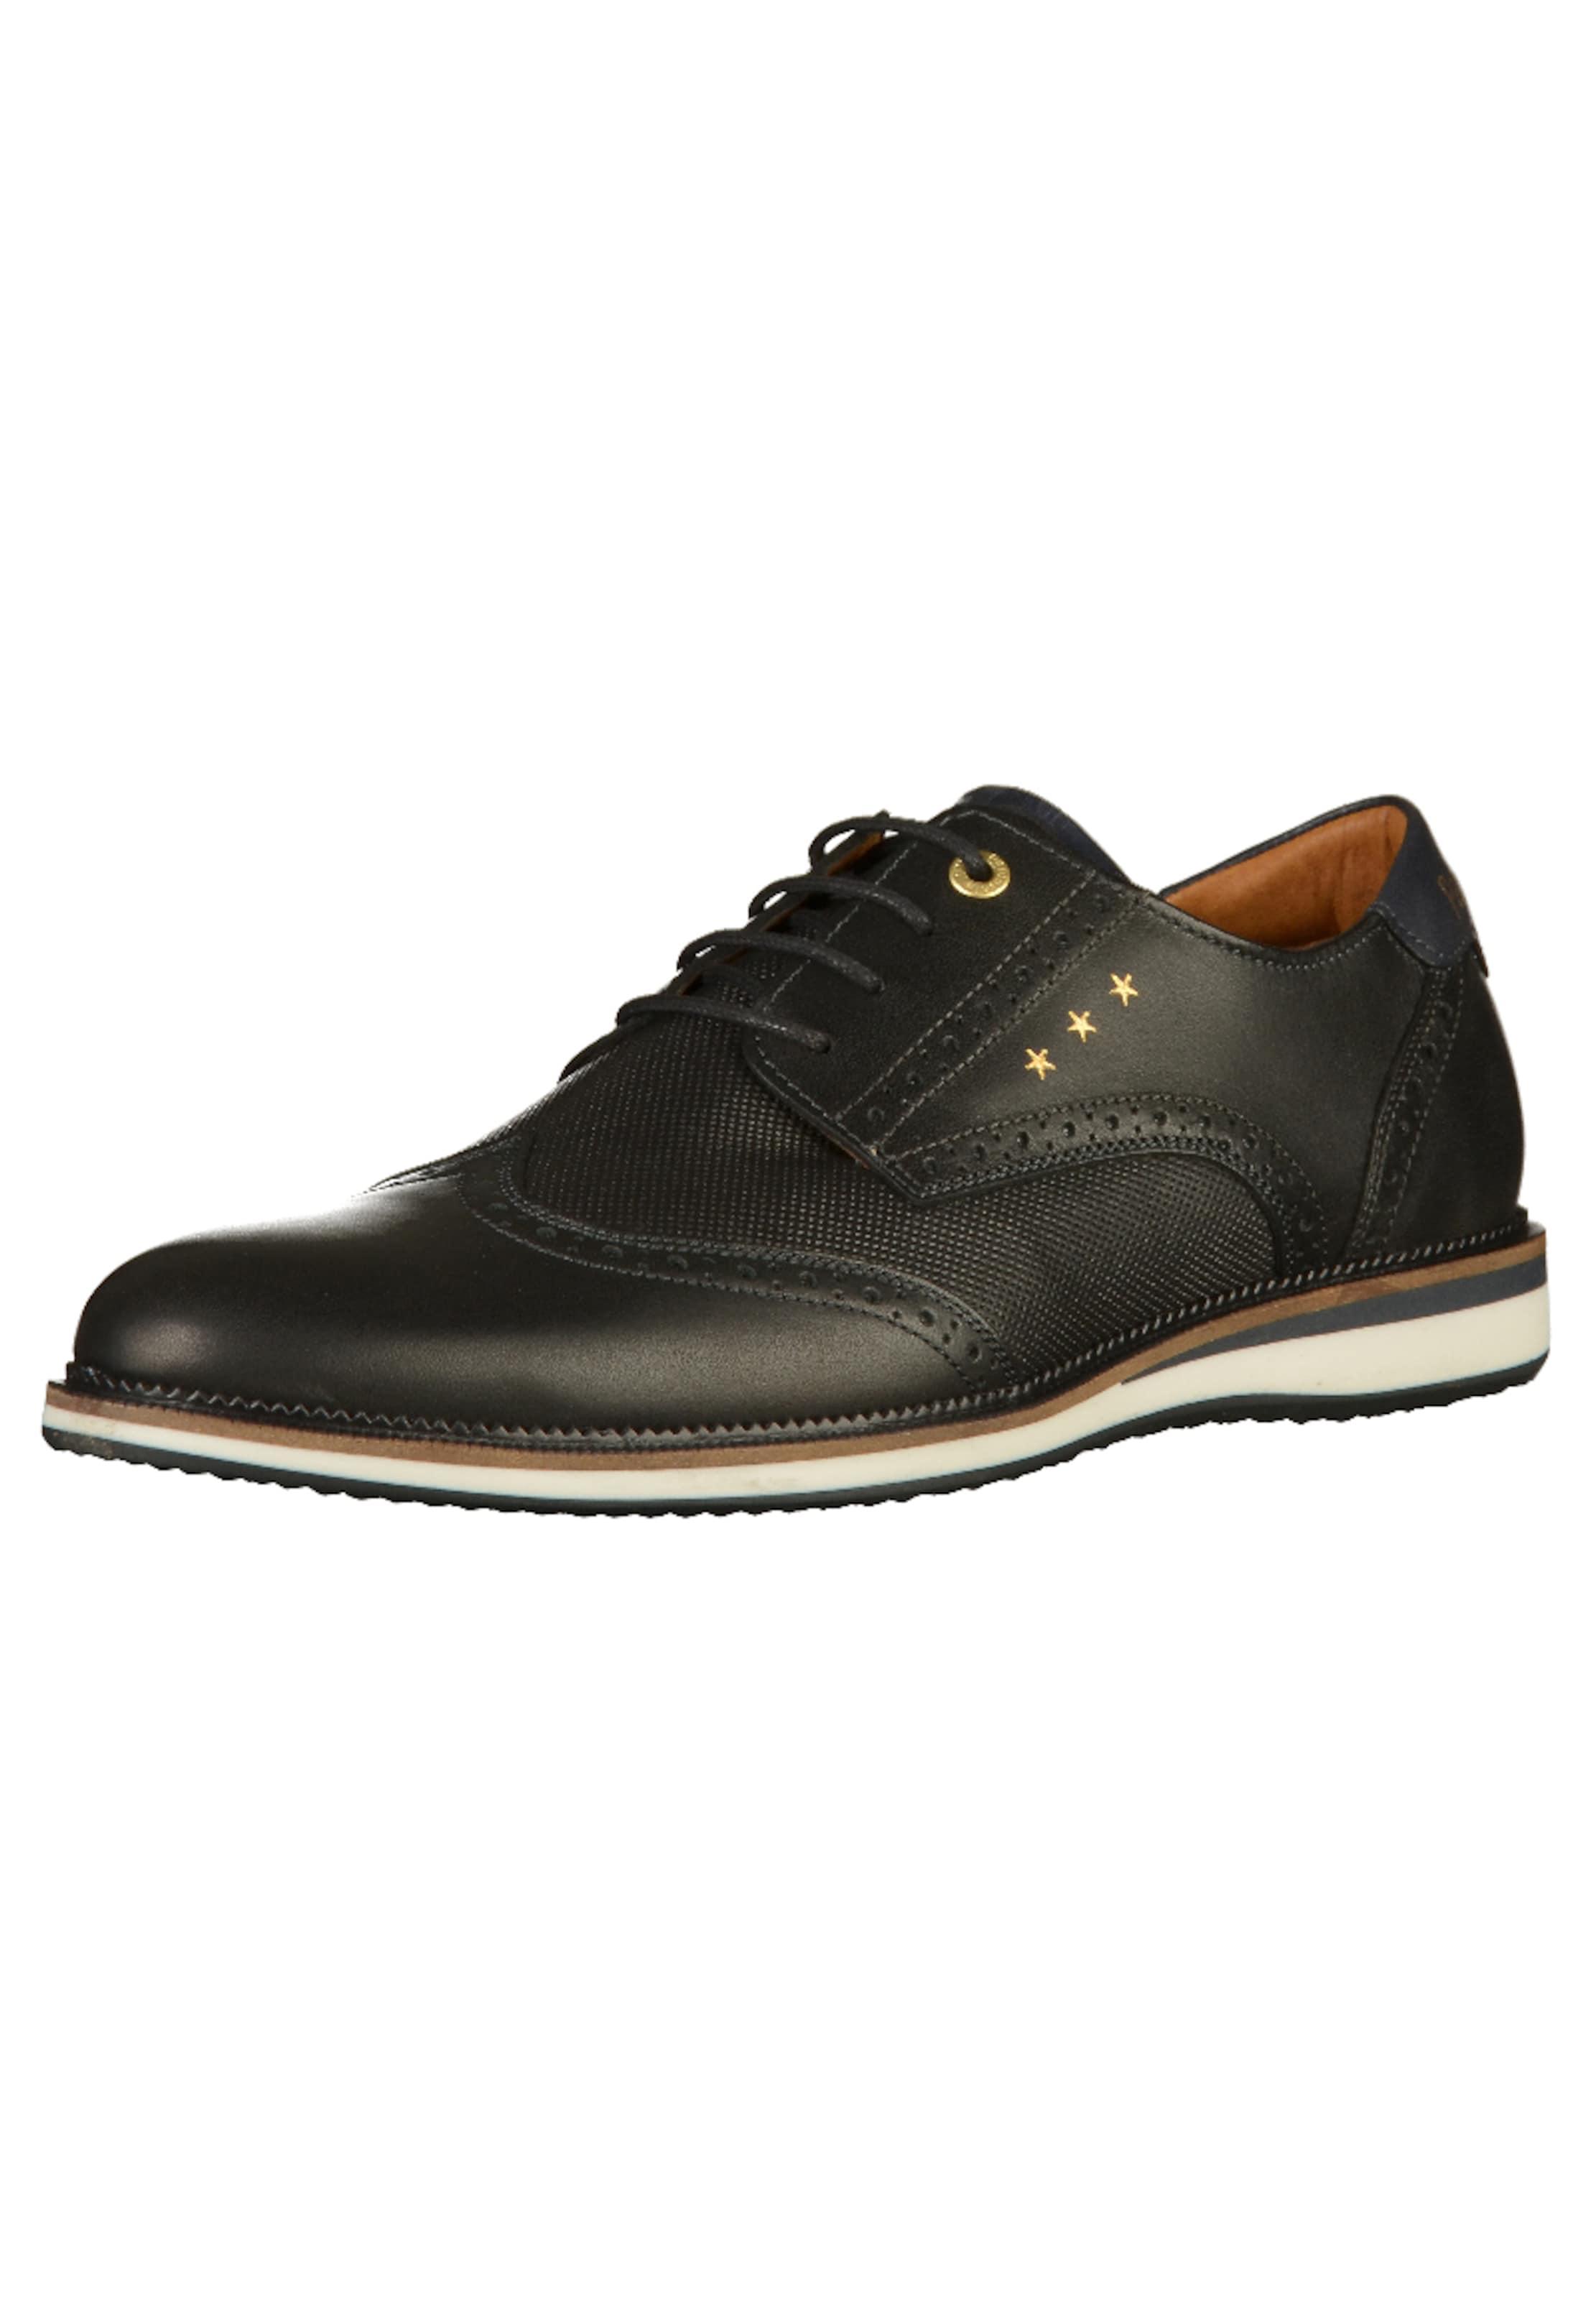 PANTOFOLA D ORO Halbschuhe Günstige und langlebige Schuhe